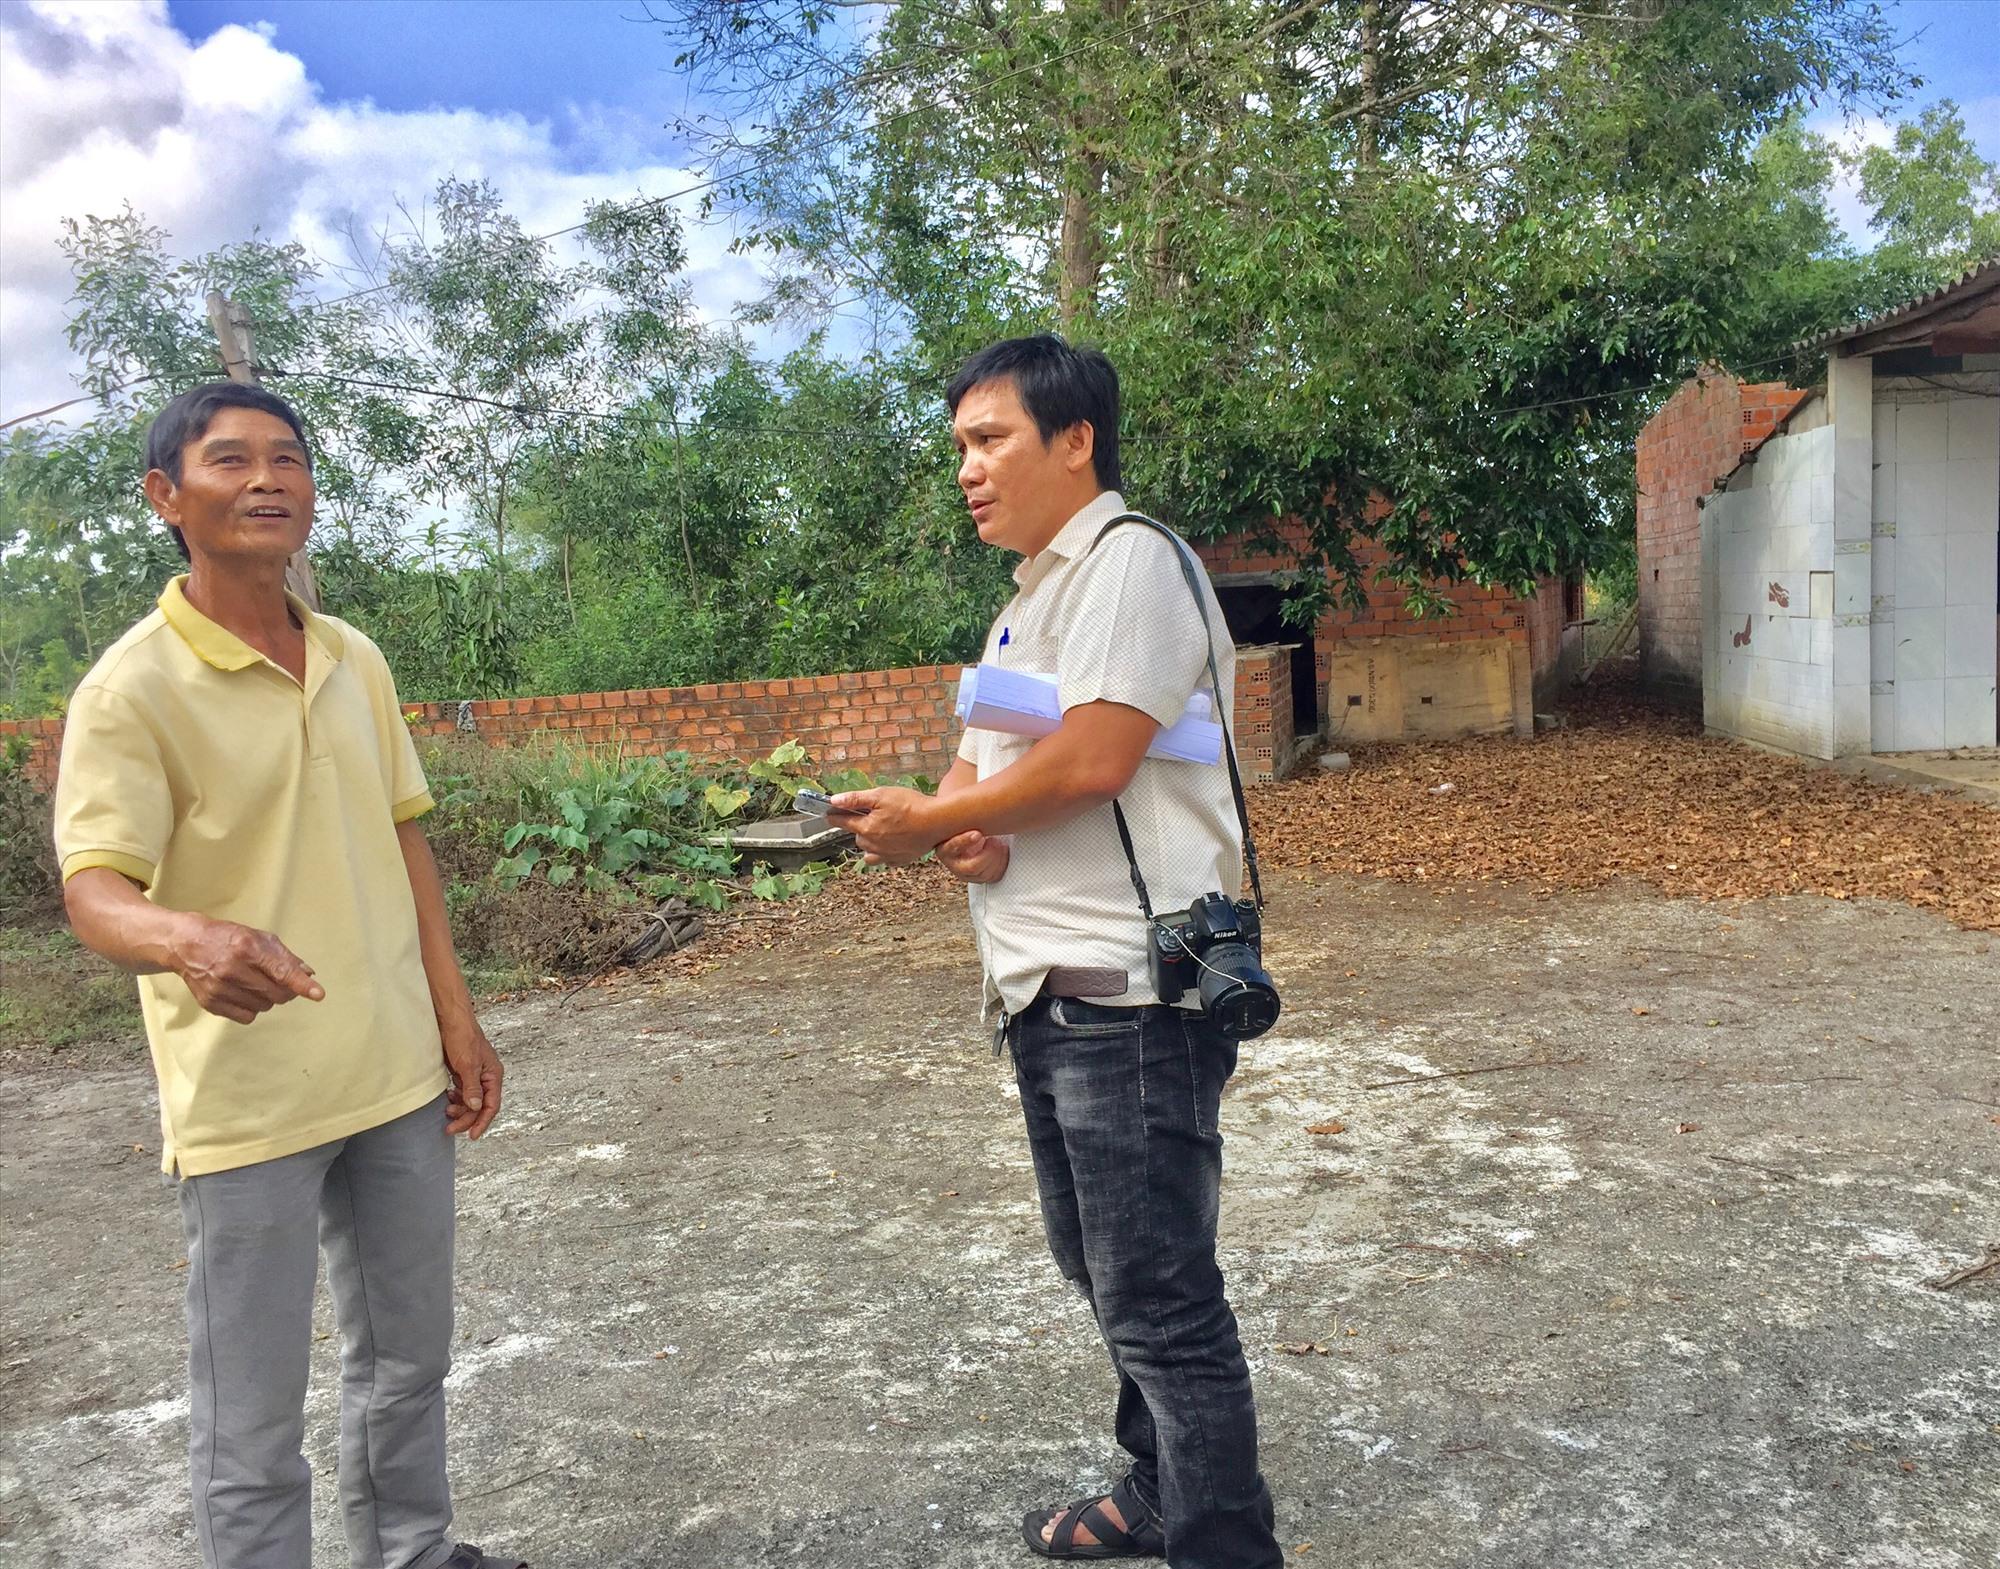 Ông Võ Thanh Đà (thôn Xuân Ngọc, xã Tam Anh Nam) trao đổi với phóng viên về hiện trạng khu đất bị ảnh hưởng bởi dự án (ảnh chụp cuối tháng 4.2021). Ảnh: T.M